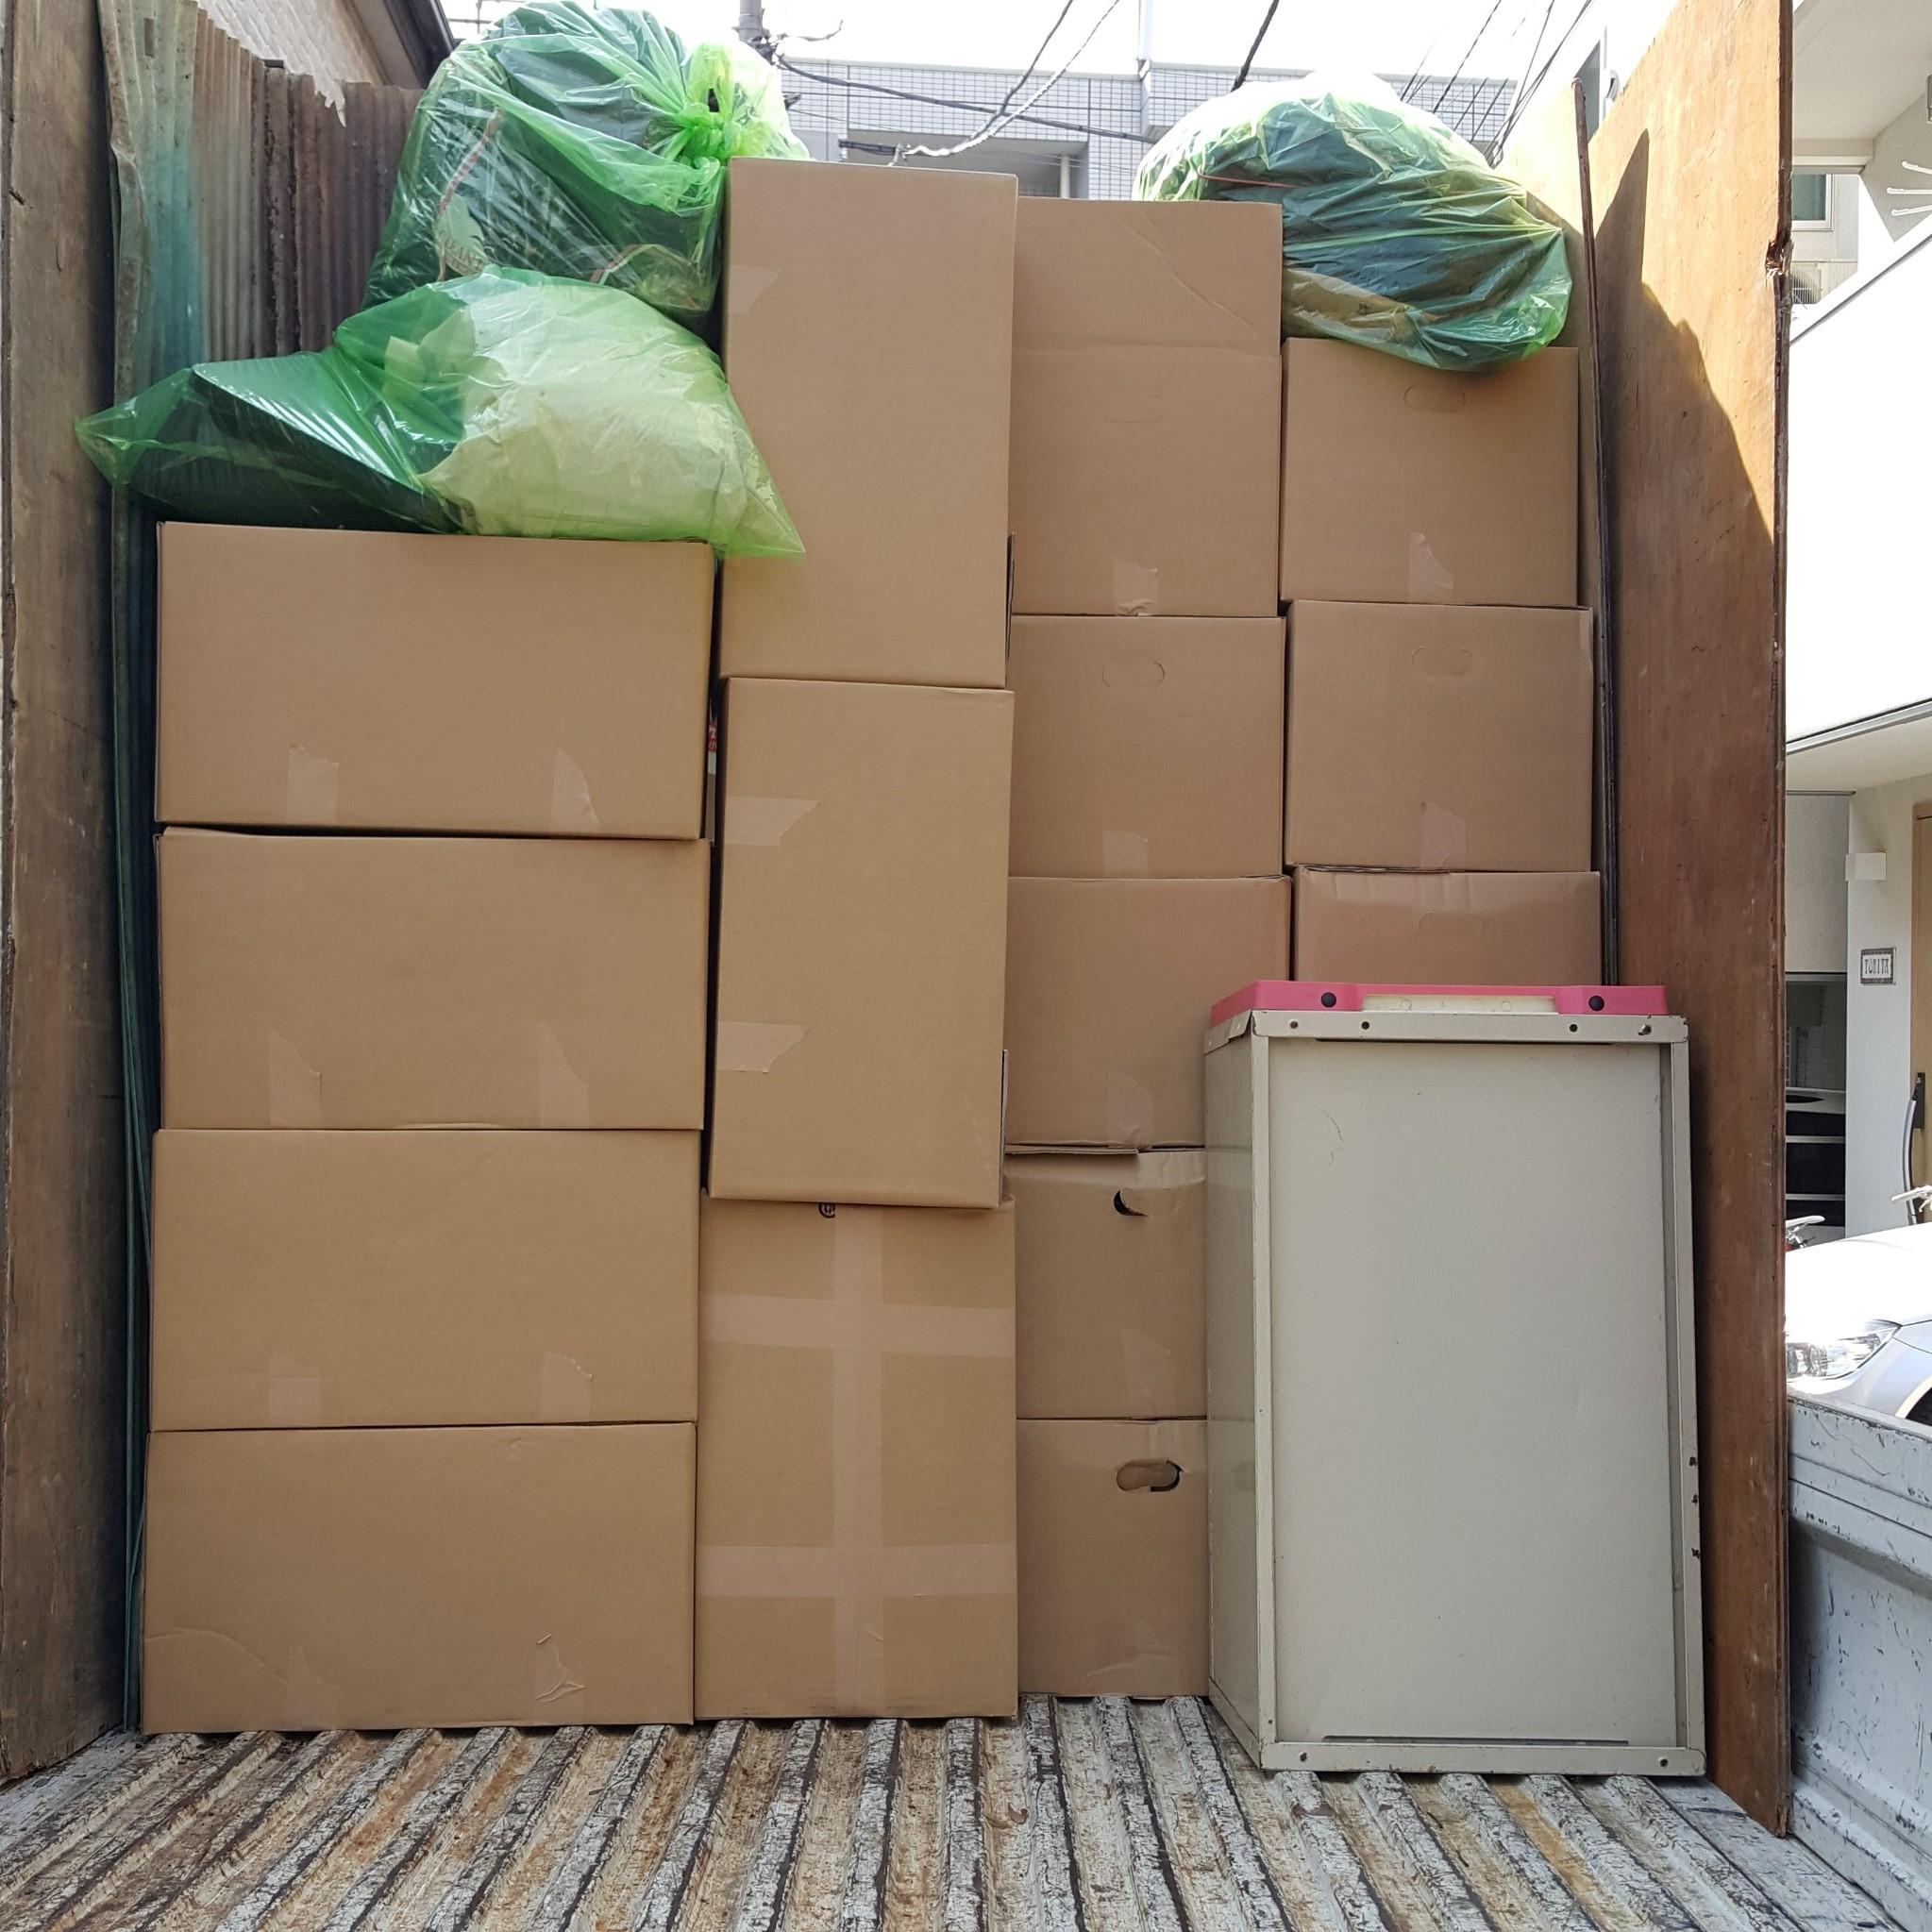 東京都多摩市  ごみ屋敷で周囲に気づかれずに回収